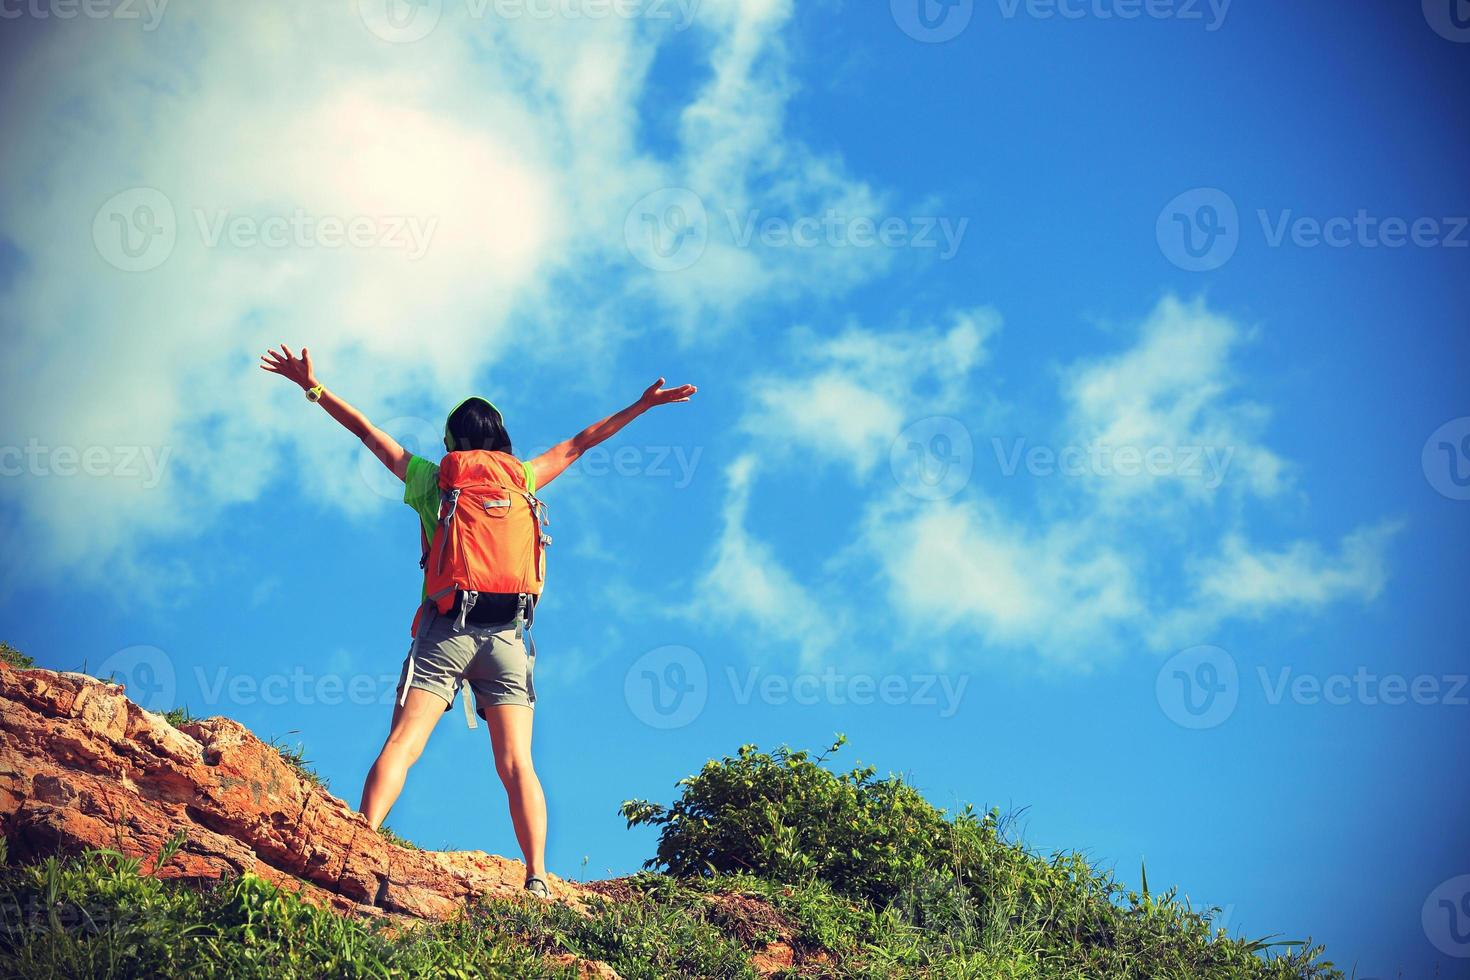 jublande ung kvinna backpacker njuta av utsikten vid bergstoppen foto